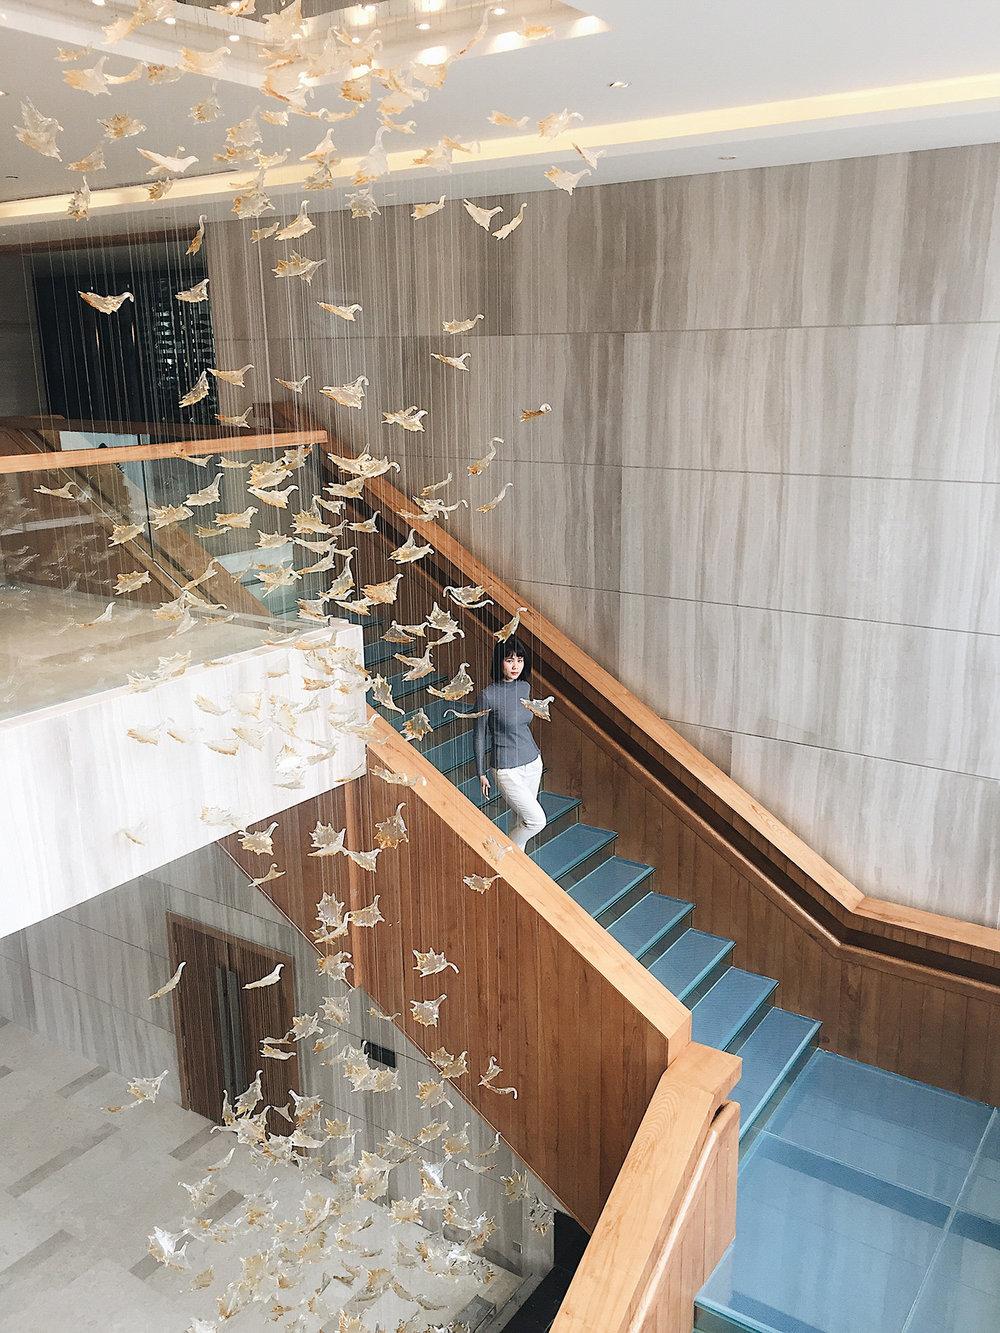 Cầu thang tới sảnh khu vực hội nghị